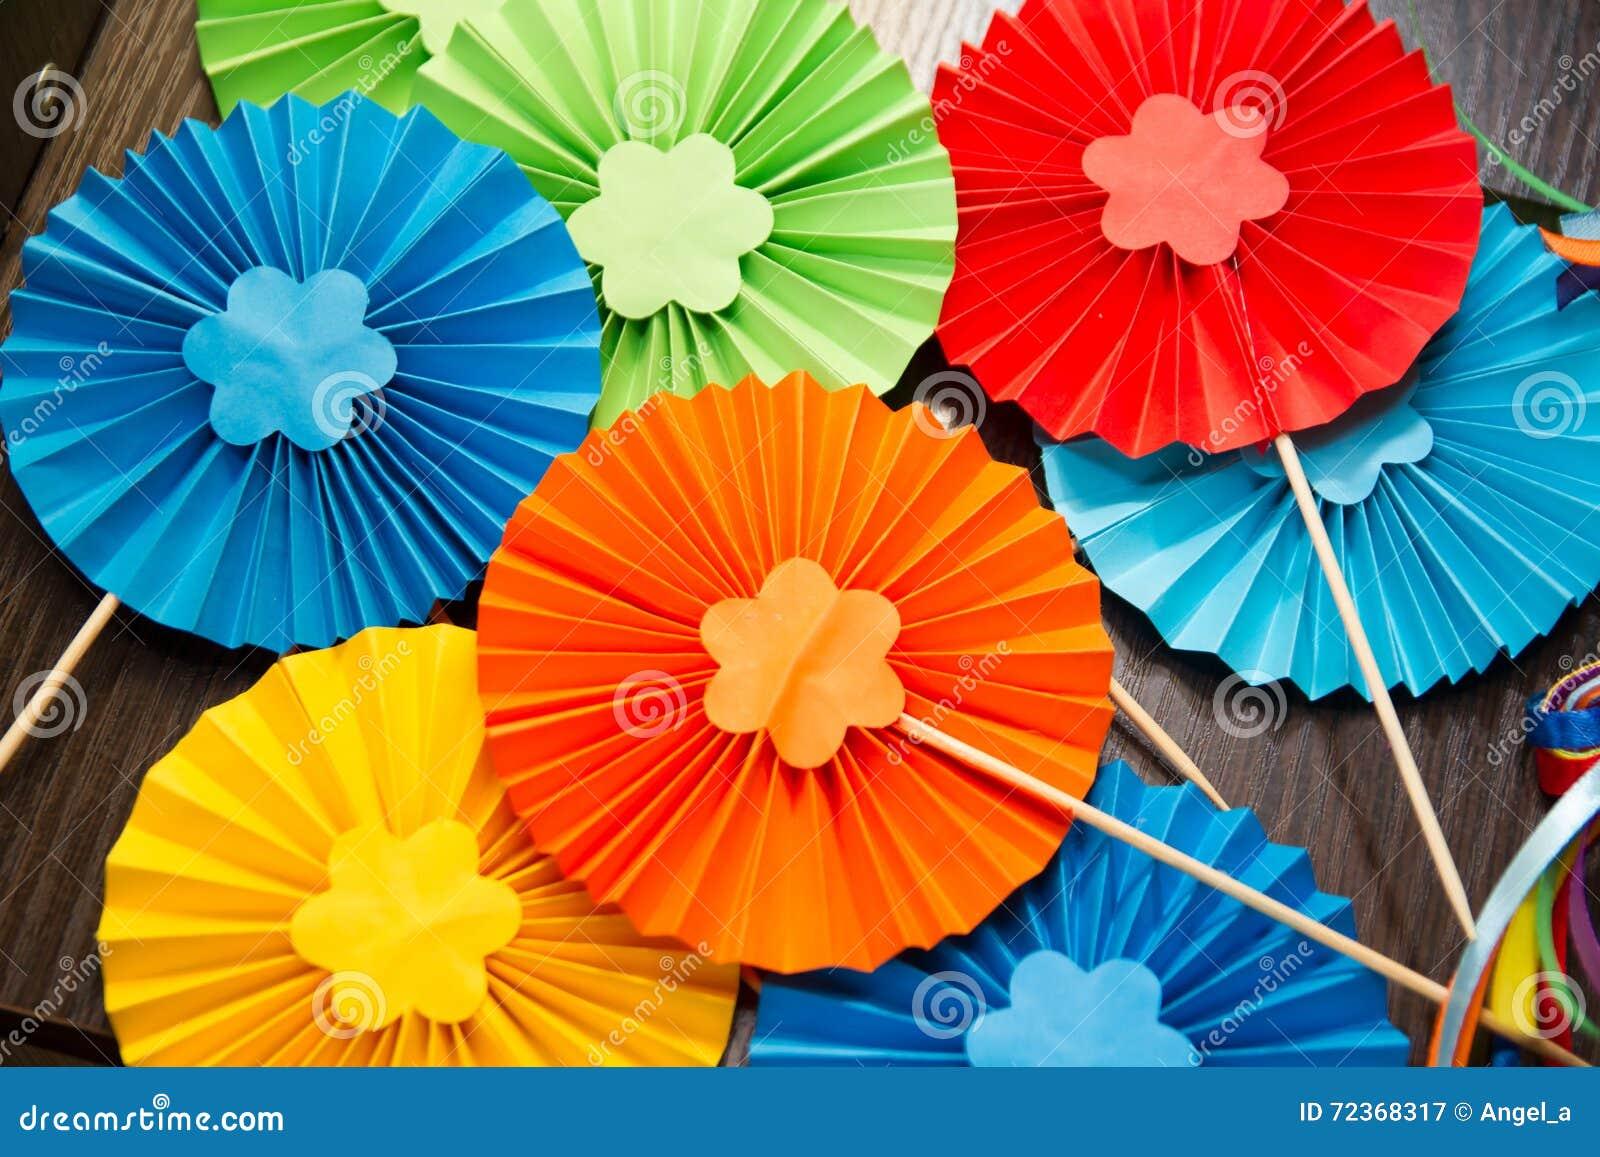 Decoraci n de papel del color del arco iris foto de for Decoracion con cenefas de papel